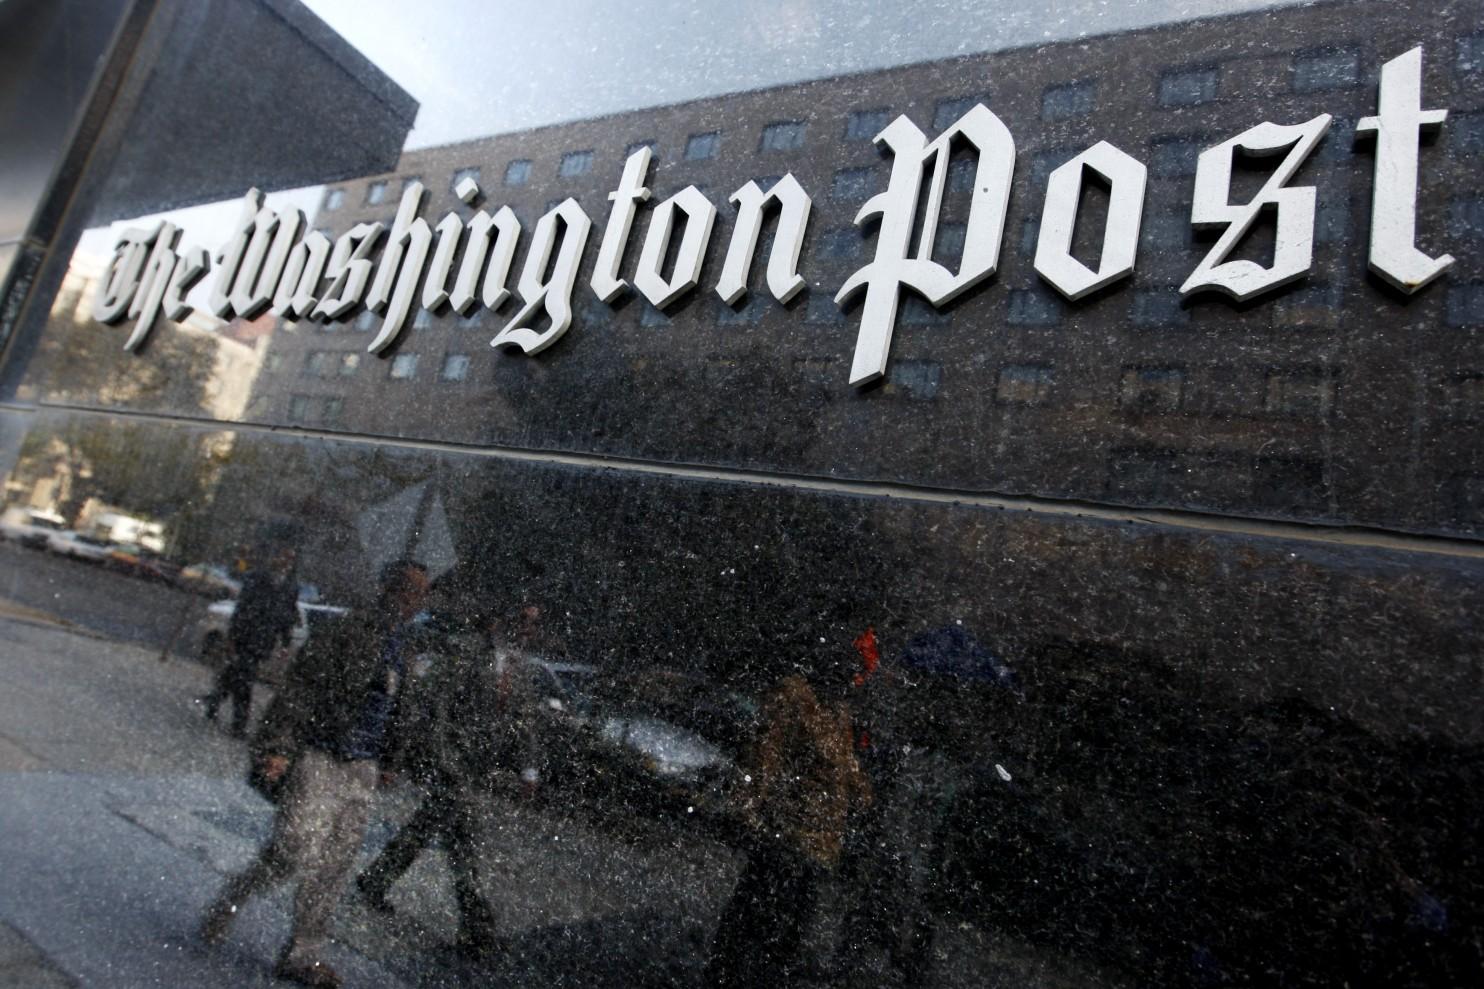 The Washington Post termina el año siendo una empresa rentable y en crecimiento